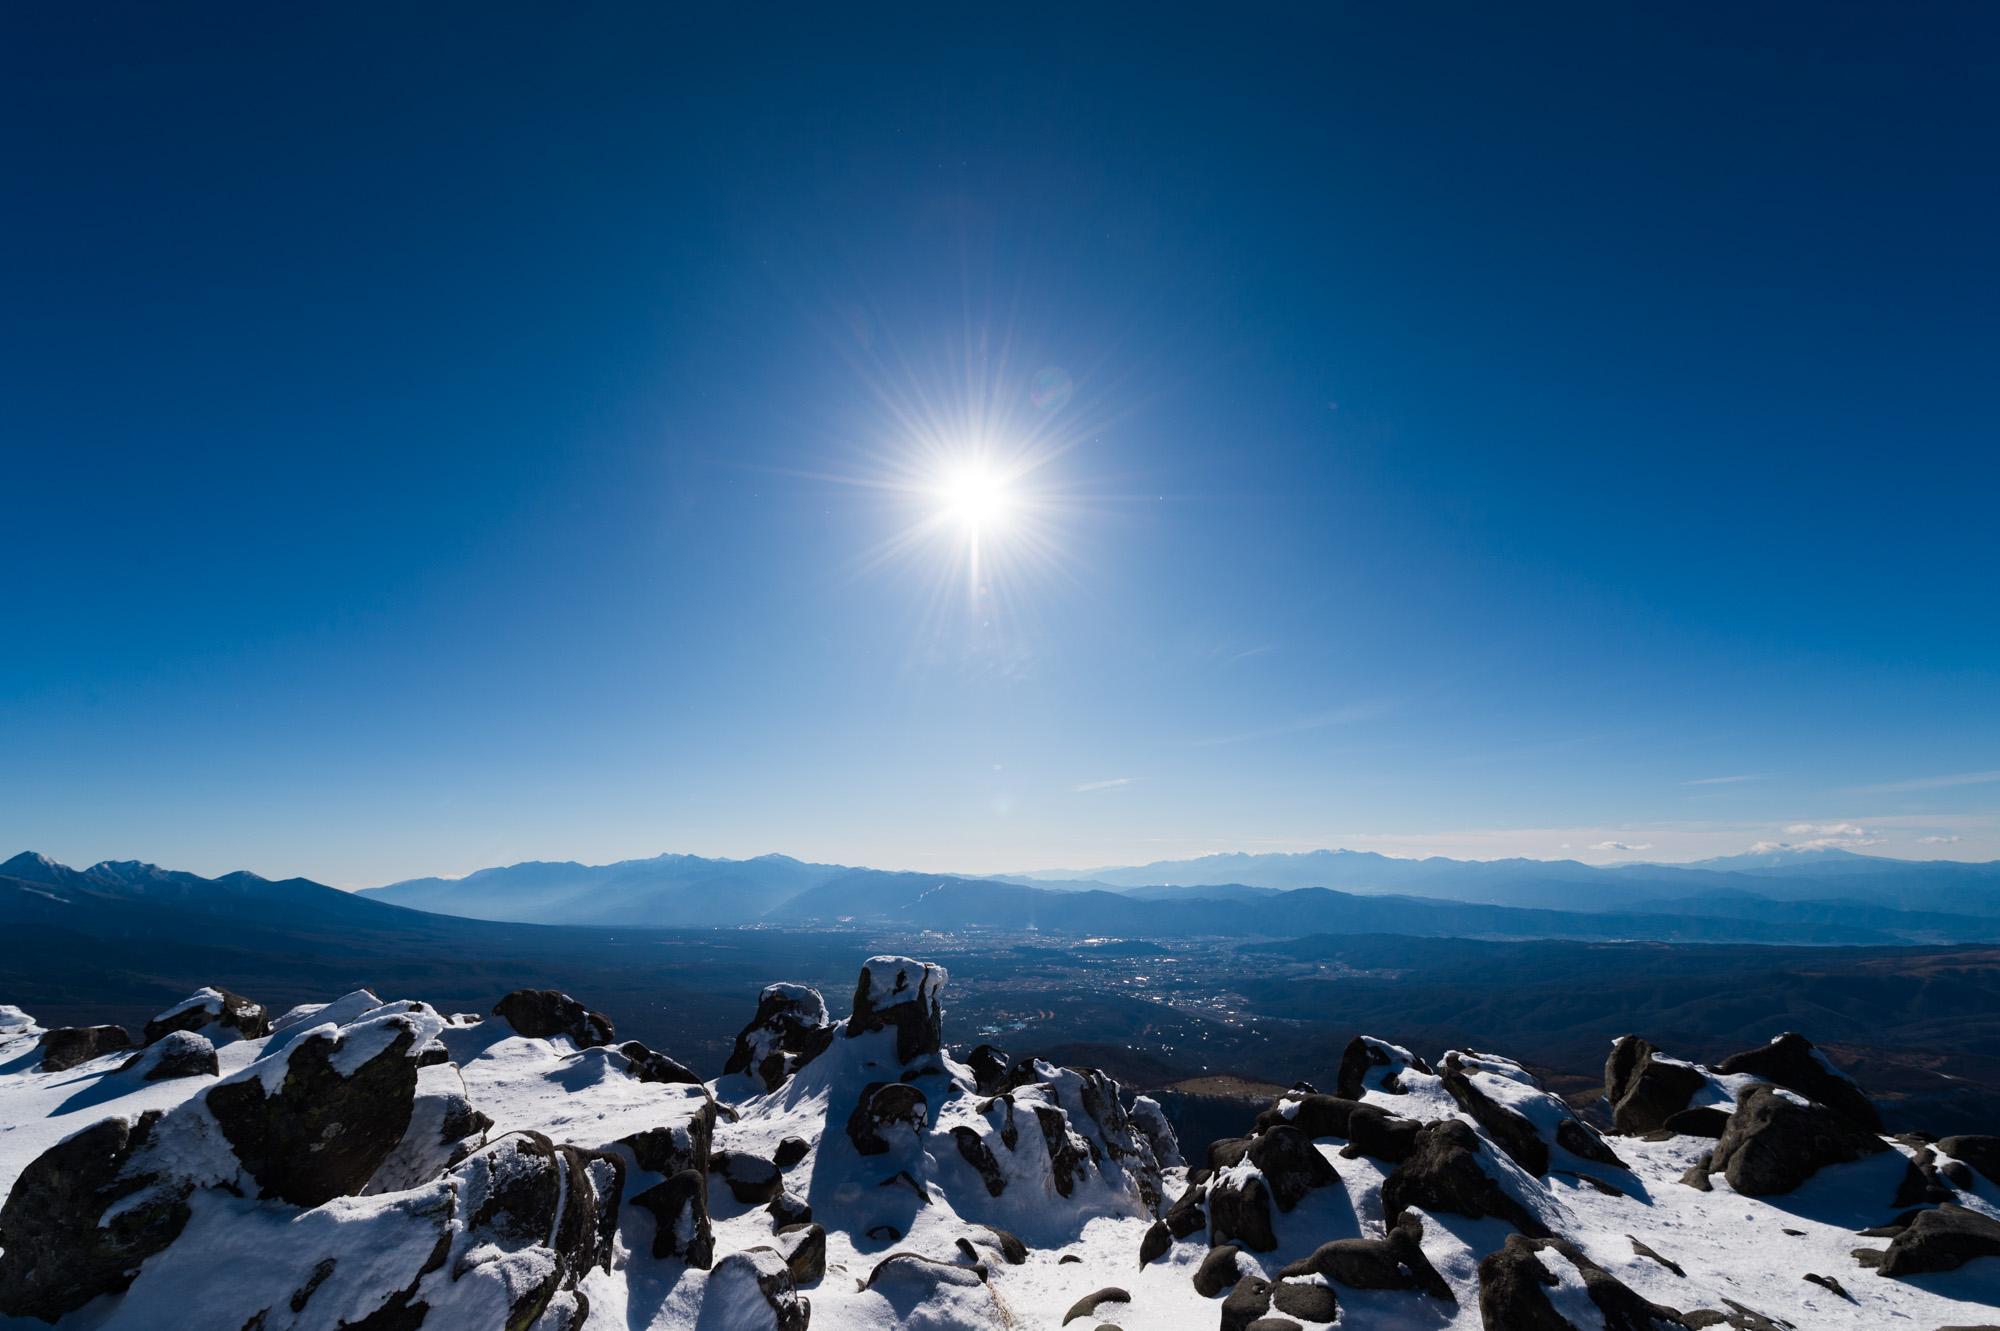 山岳写真をフリー素材として公開